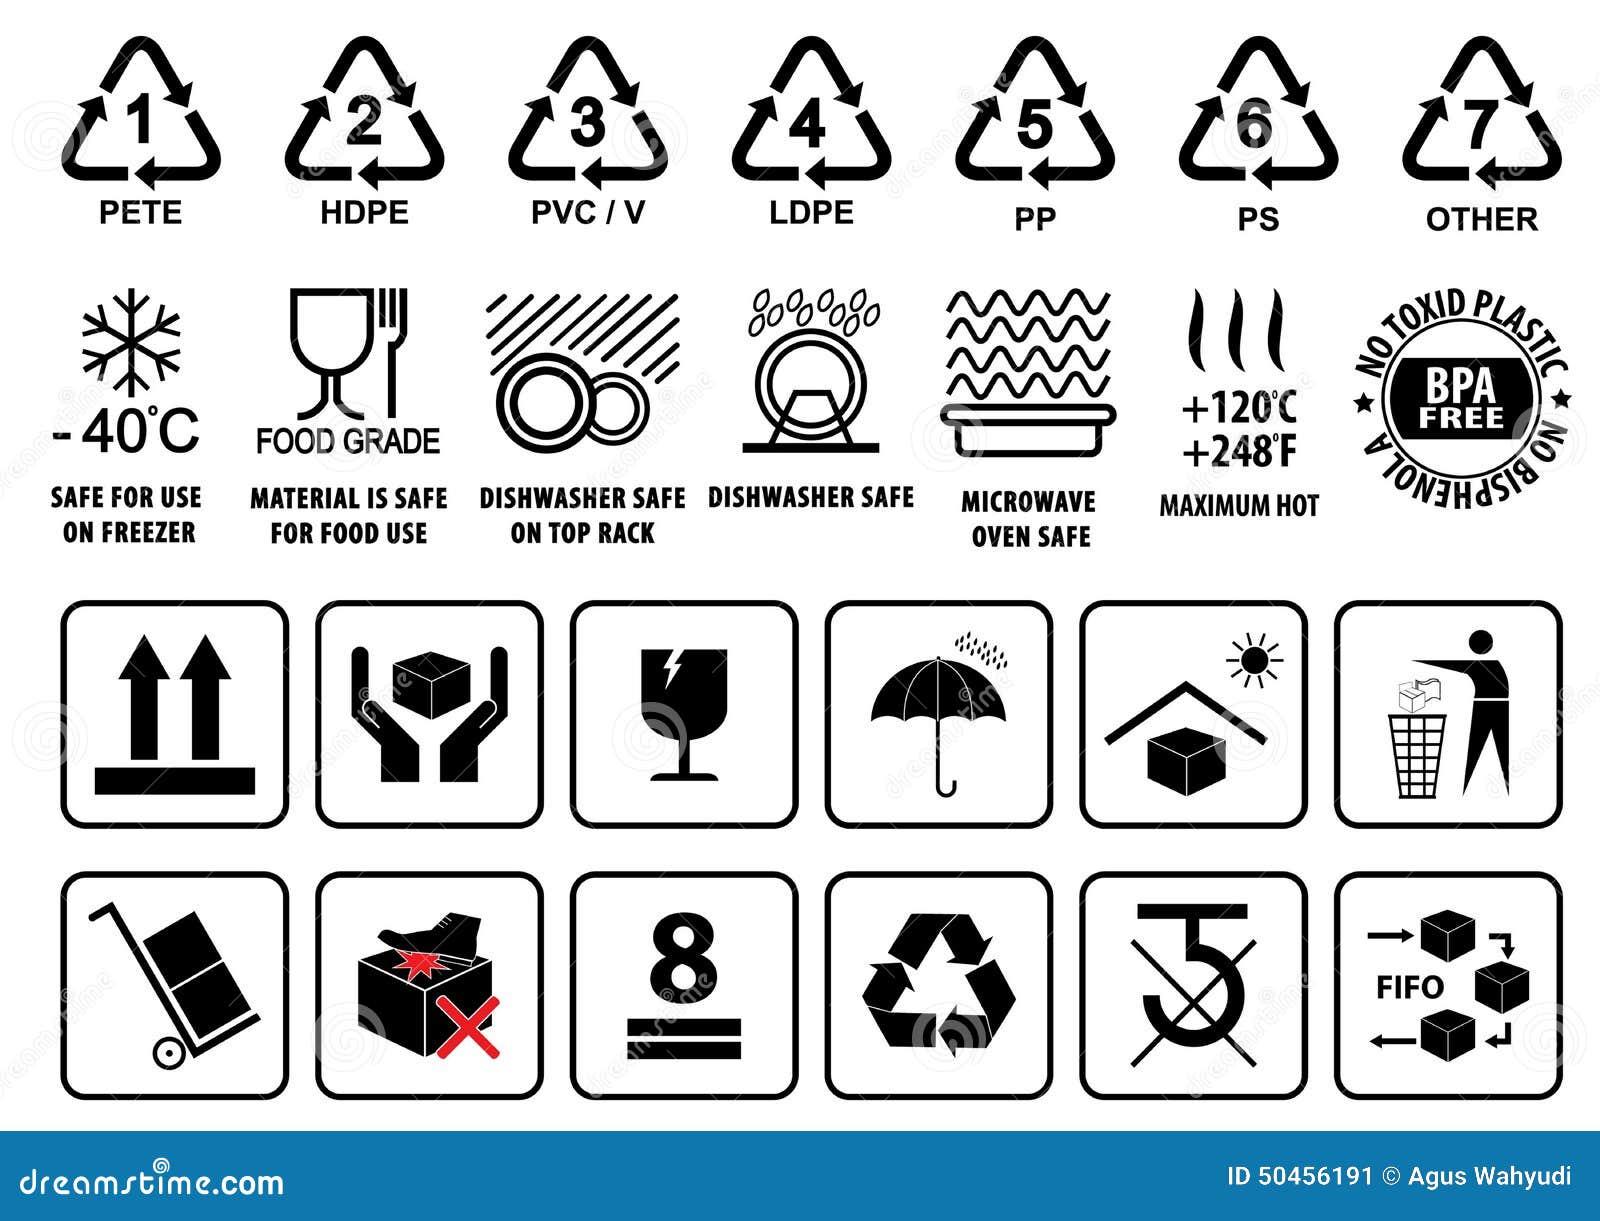 plastique r utilisant les symboles le signe de vaisselle et l 39 emballage ou les symboles de. Black Bedroom Furniture Sets. Home Design Ideas